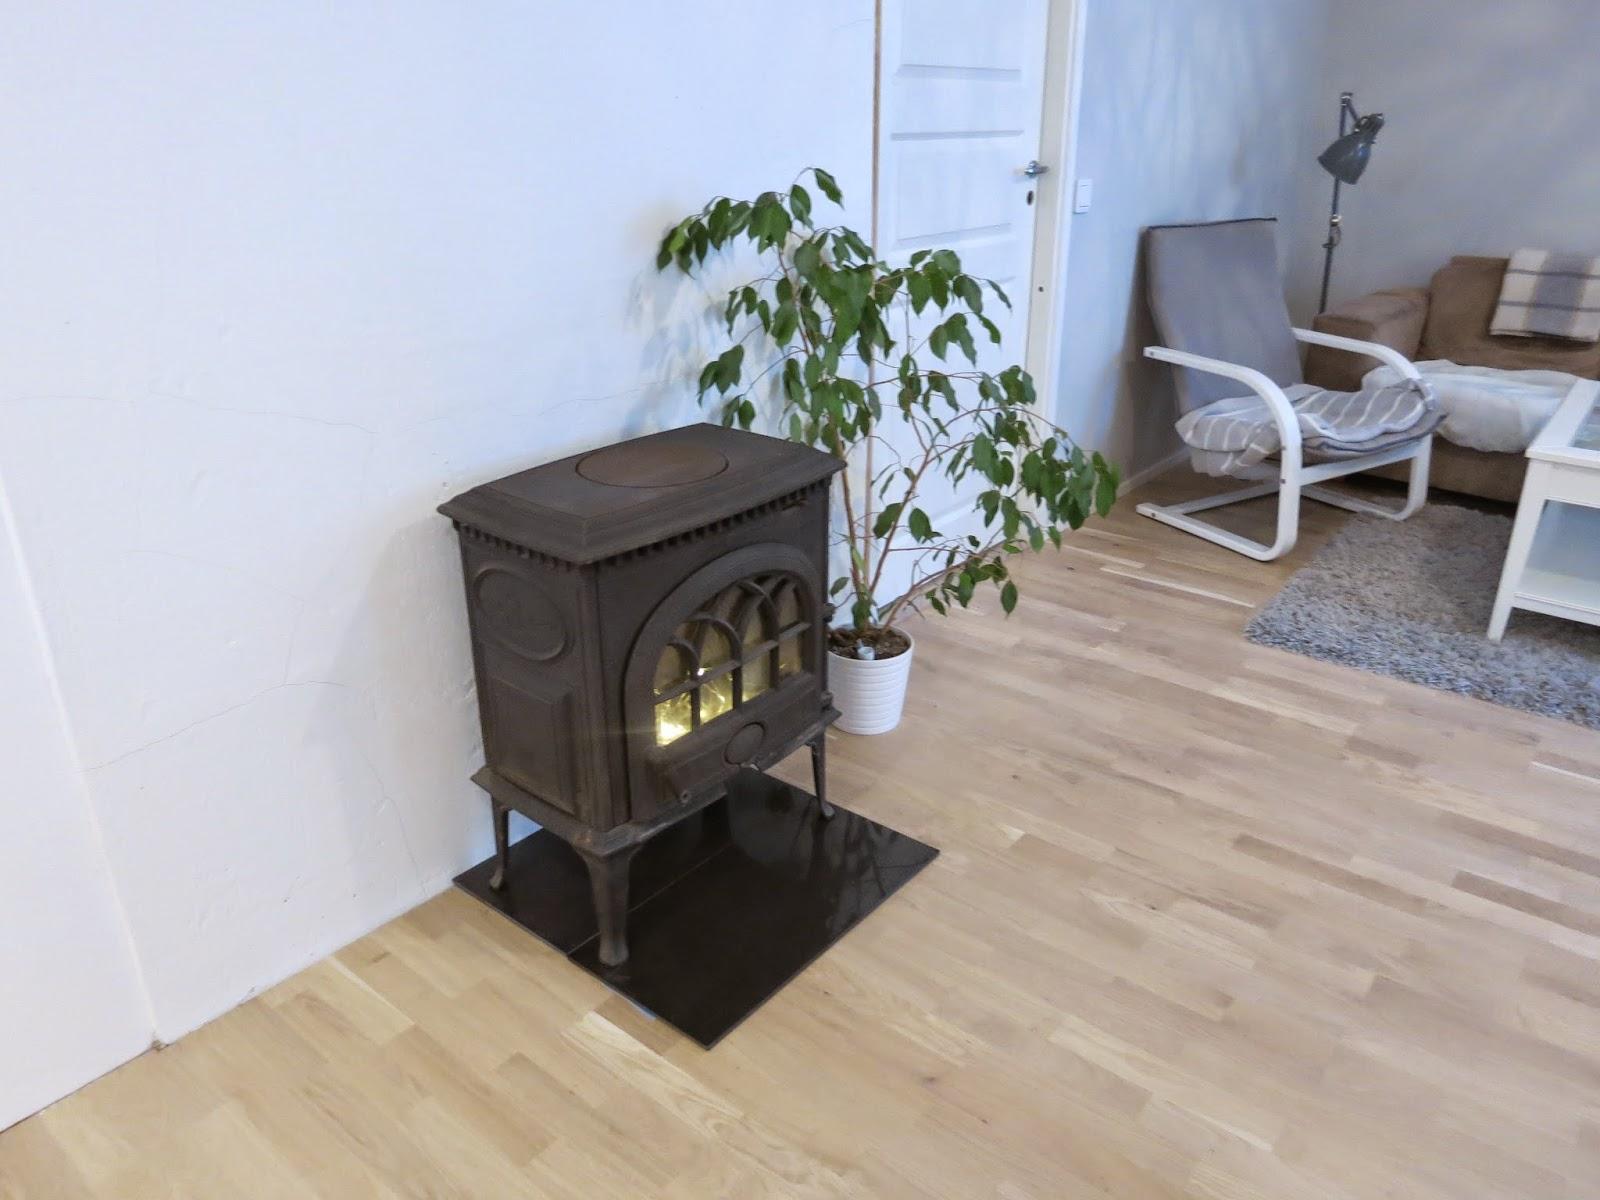 Söta drömmar: kamin eller funkkis eldstad?